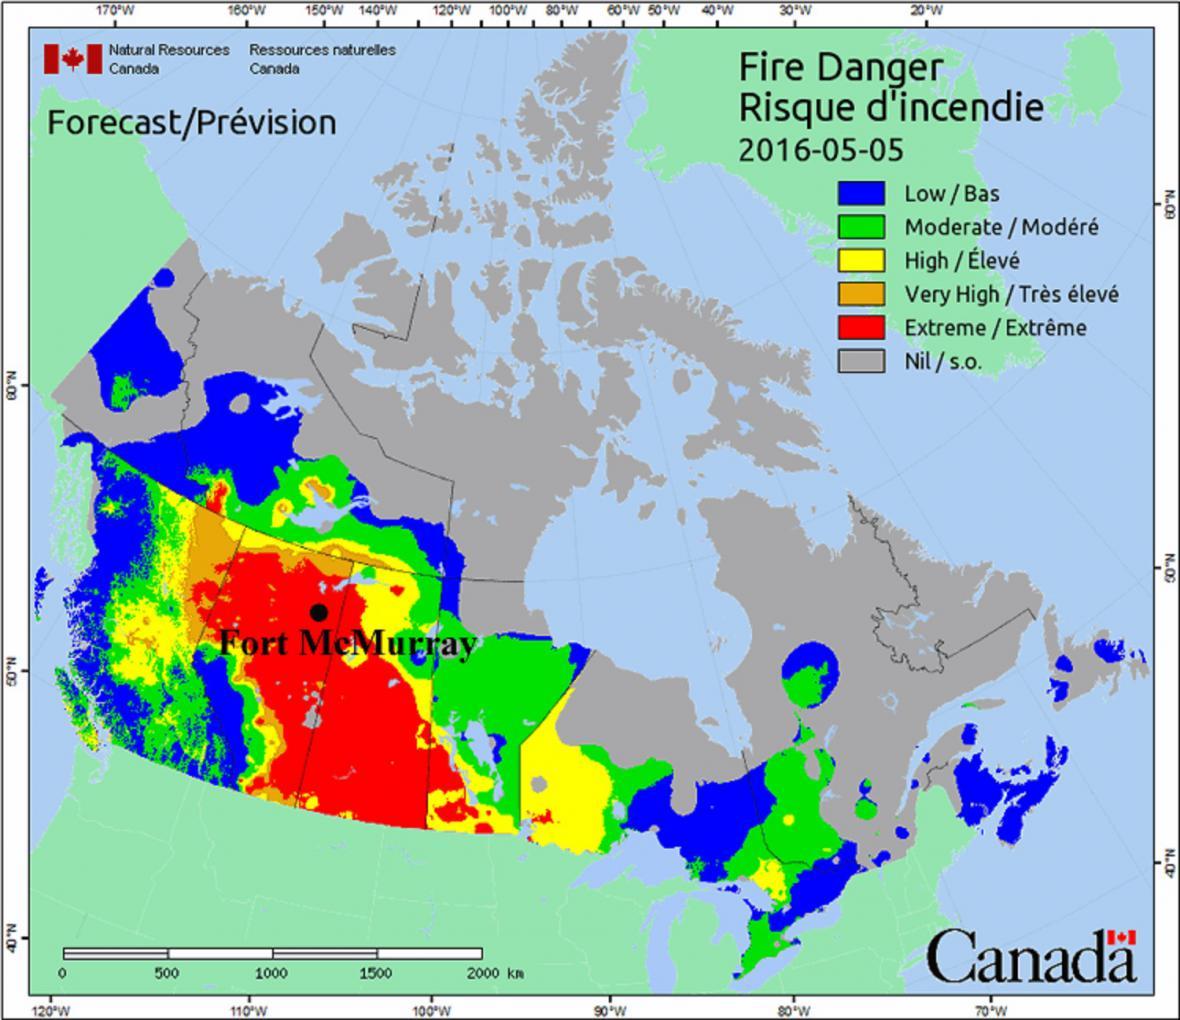 Vedra a nebezpečí ohně v kanadské Albertě k 5. květnu